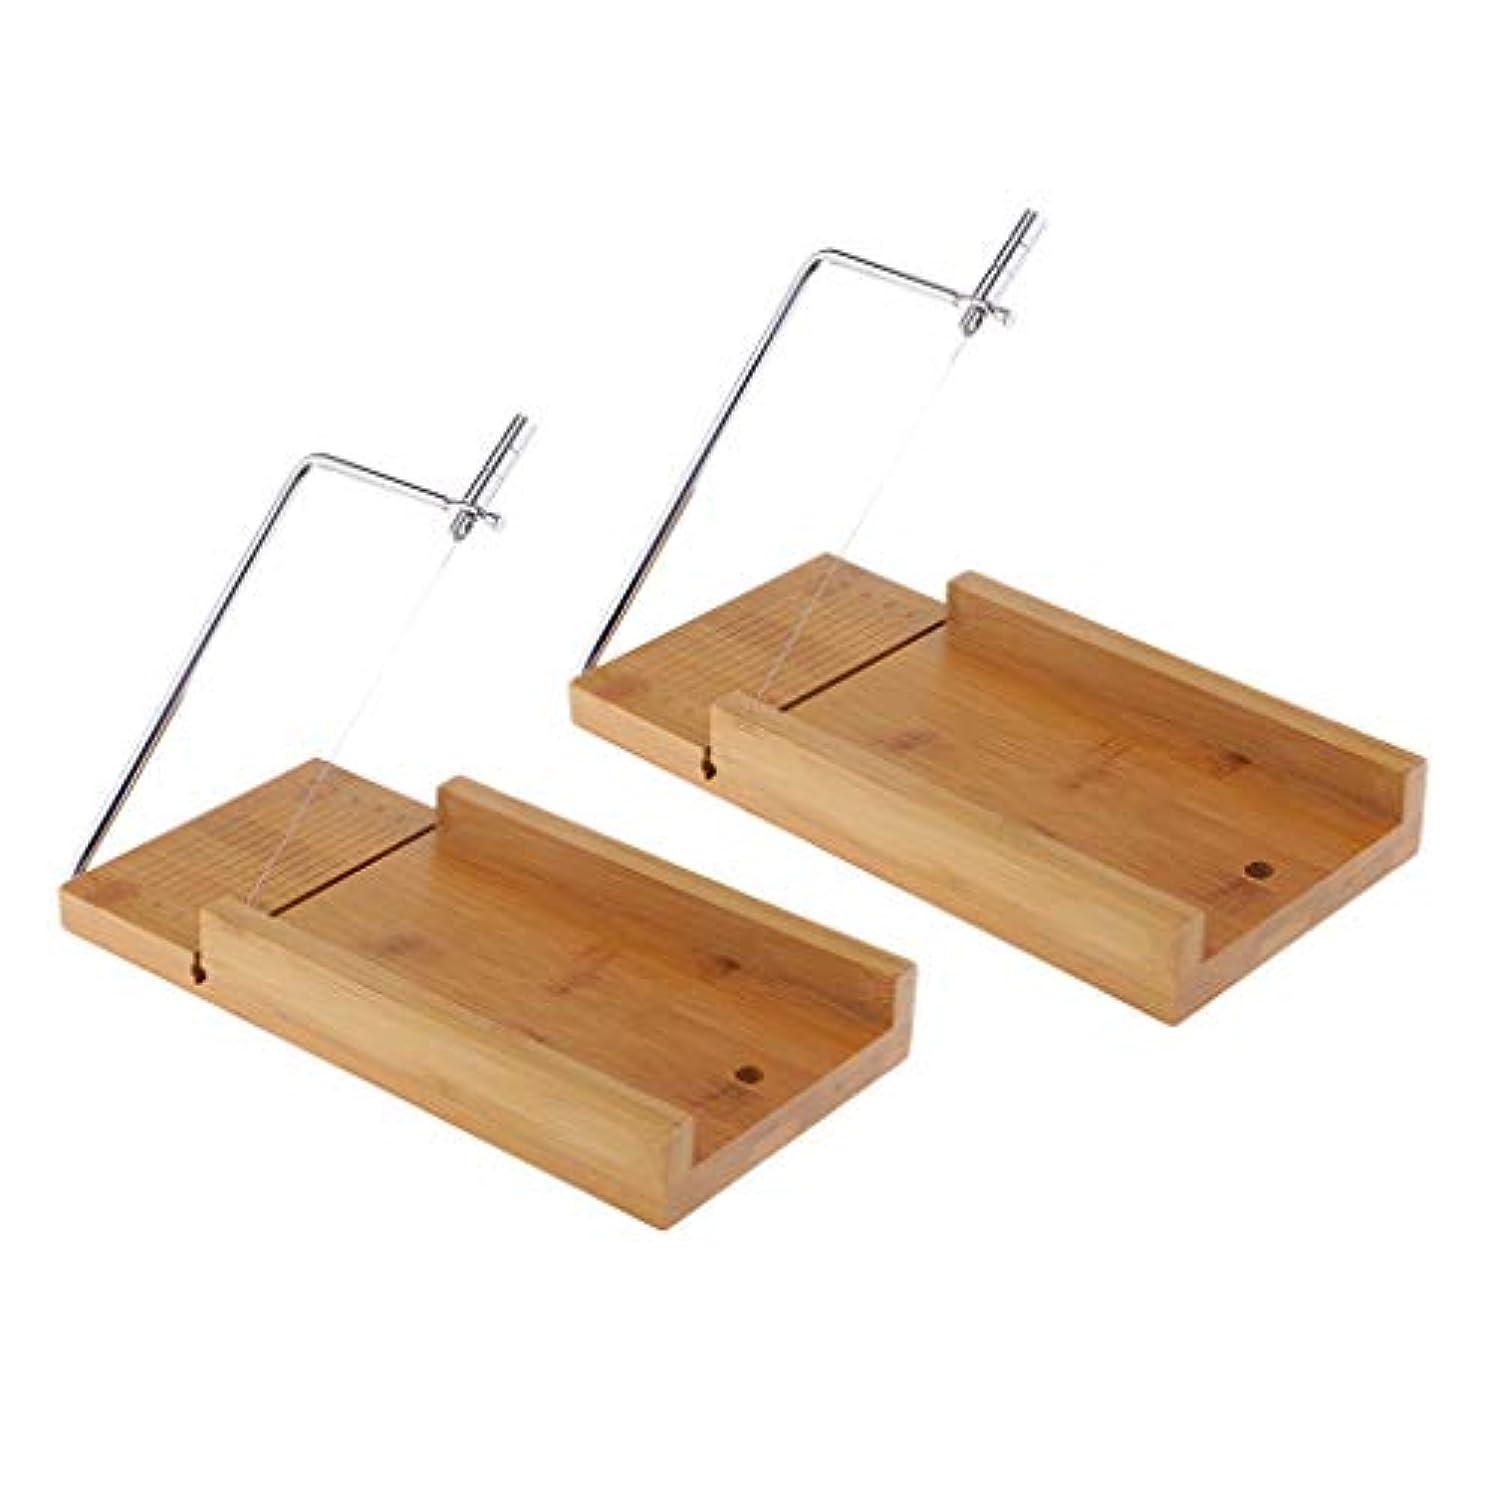 有害思い出させる学校の先生ソープカッター チーズナイフ ワイヤー せっけんカッター 台 木質 石鹸切削工具 2個入り